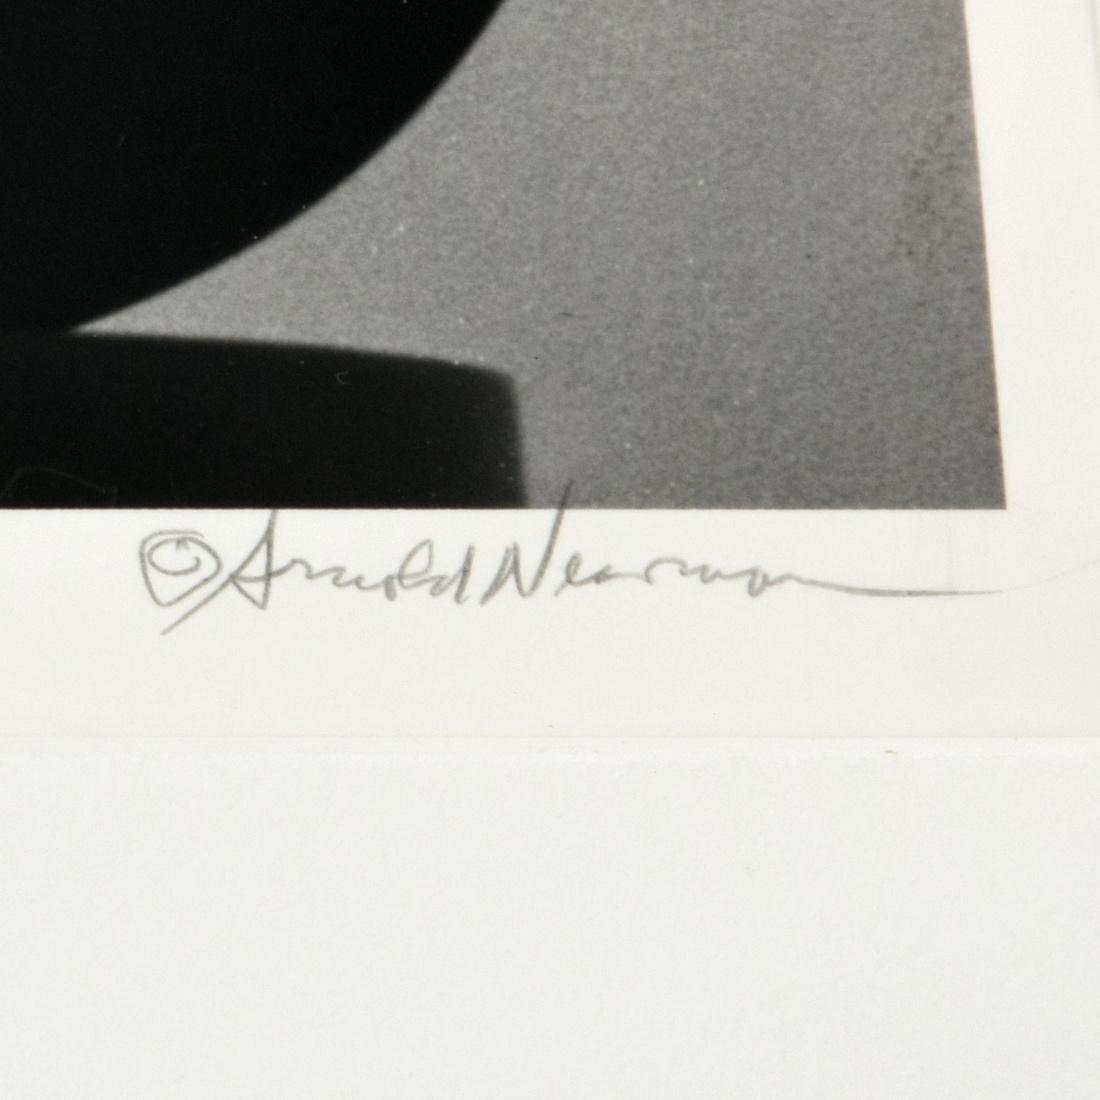 Arnold Newman IGOR STRAVINSKY Photograph - 3